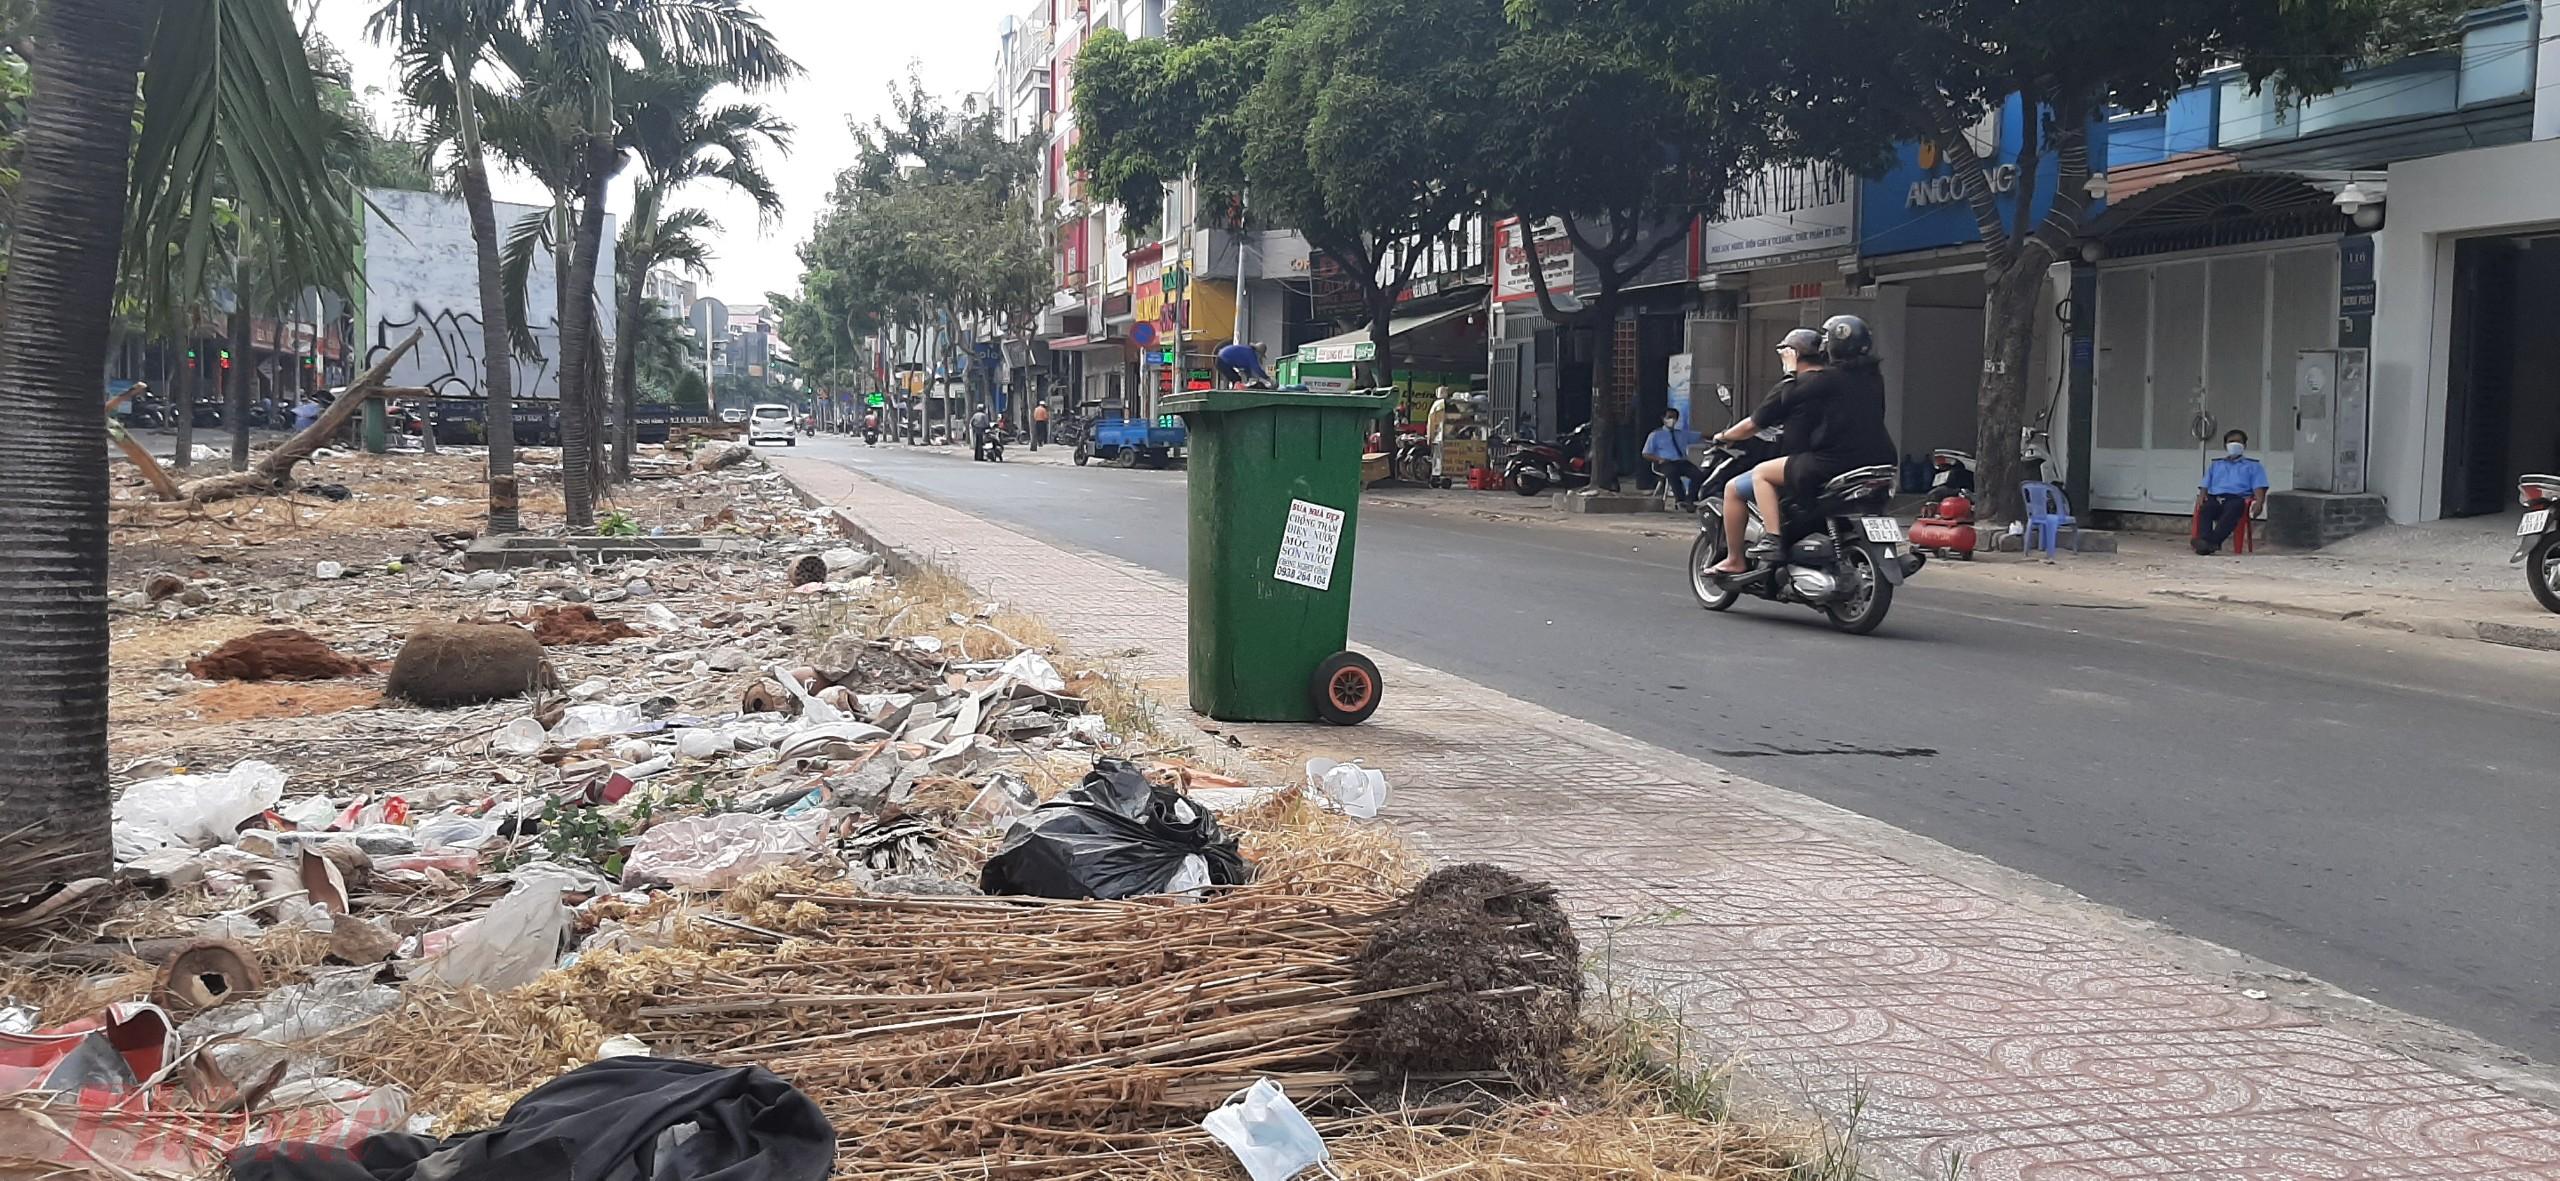 Ở khu vực công viên dải phân cách khu phố nhà giàu Phan Xích Long, Quận Phú Nhuận, dù có thùng rác công cộng, thế nhưng, dưới đất, có rất nhiều loại rác thải, trong đó có khẩu trang y tế bị thải vứt bỏ